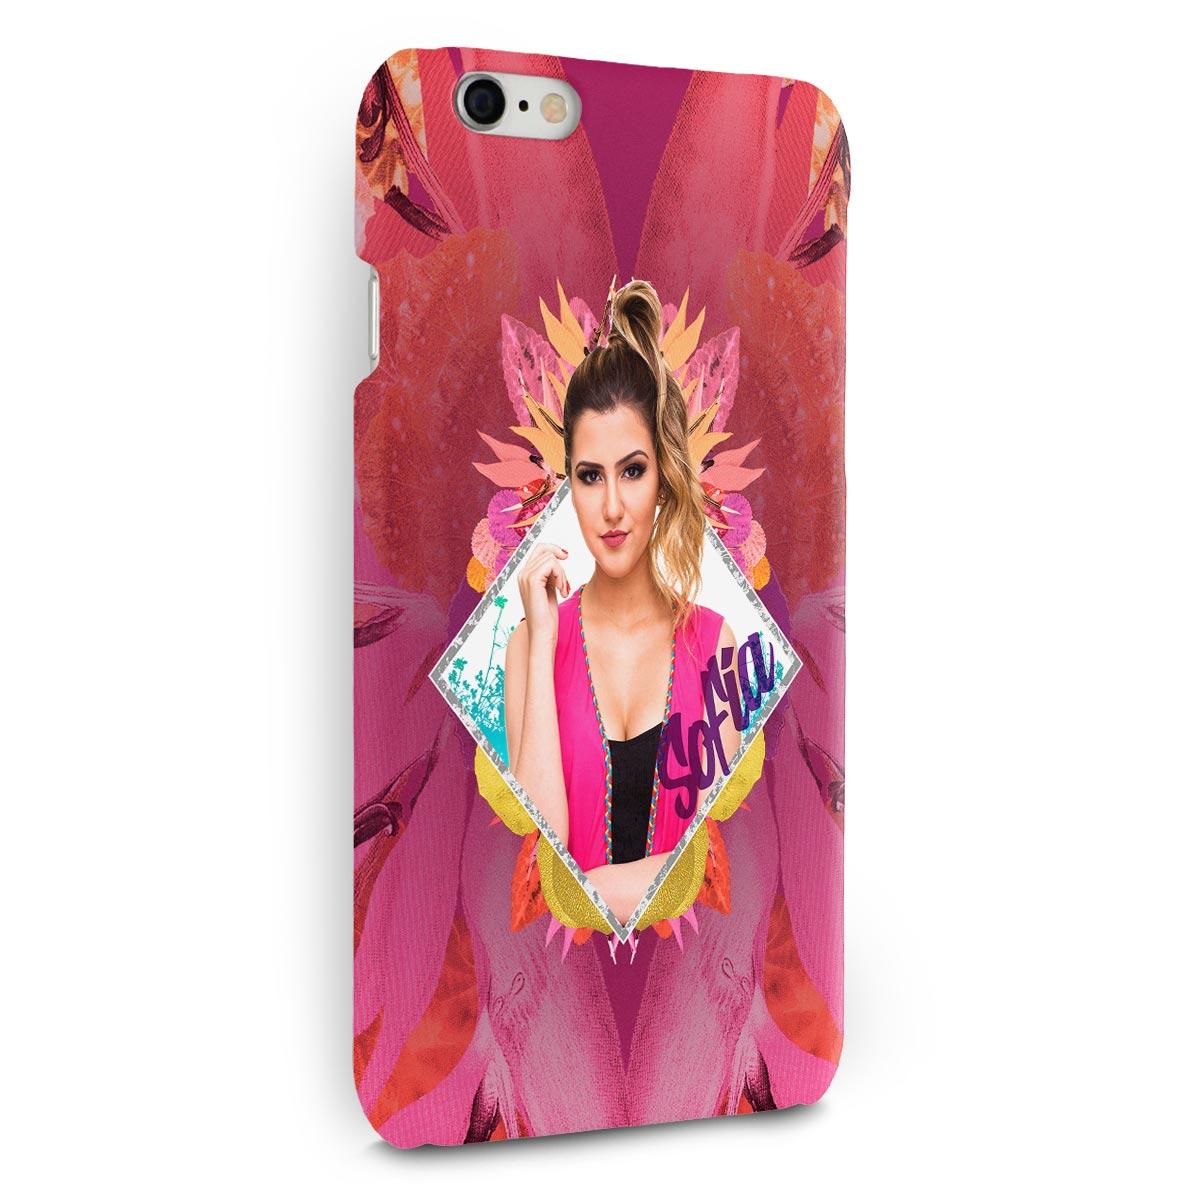 Capa para iPhone 6/6S Plus Sofia Oliveira Foto